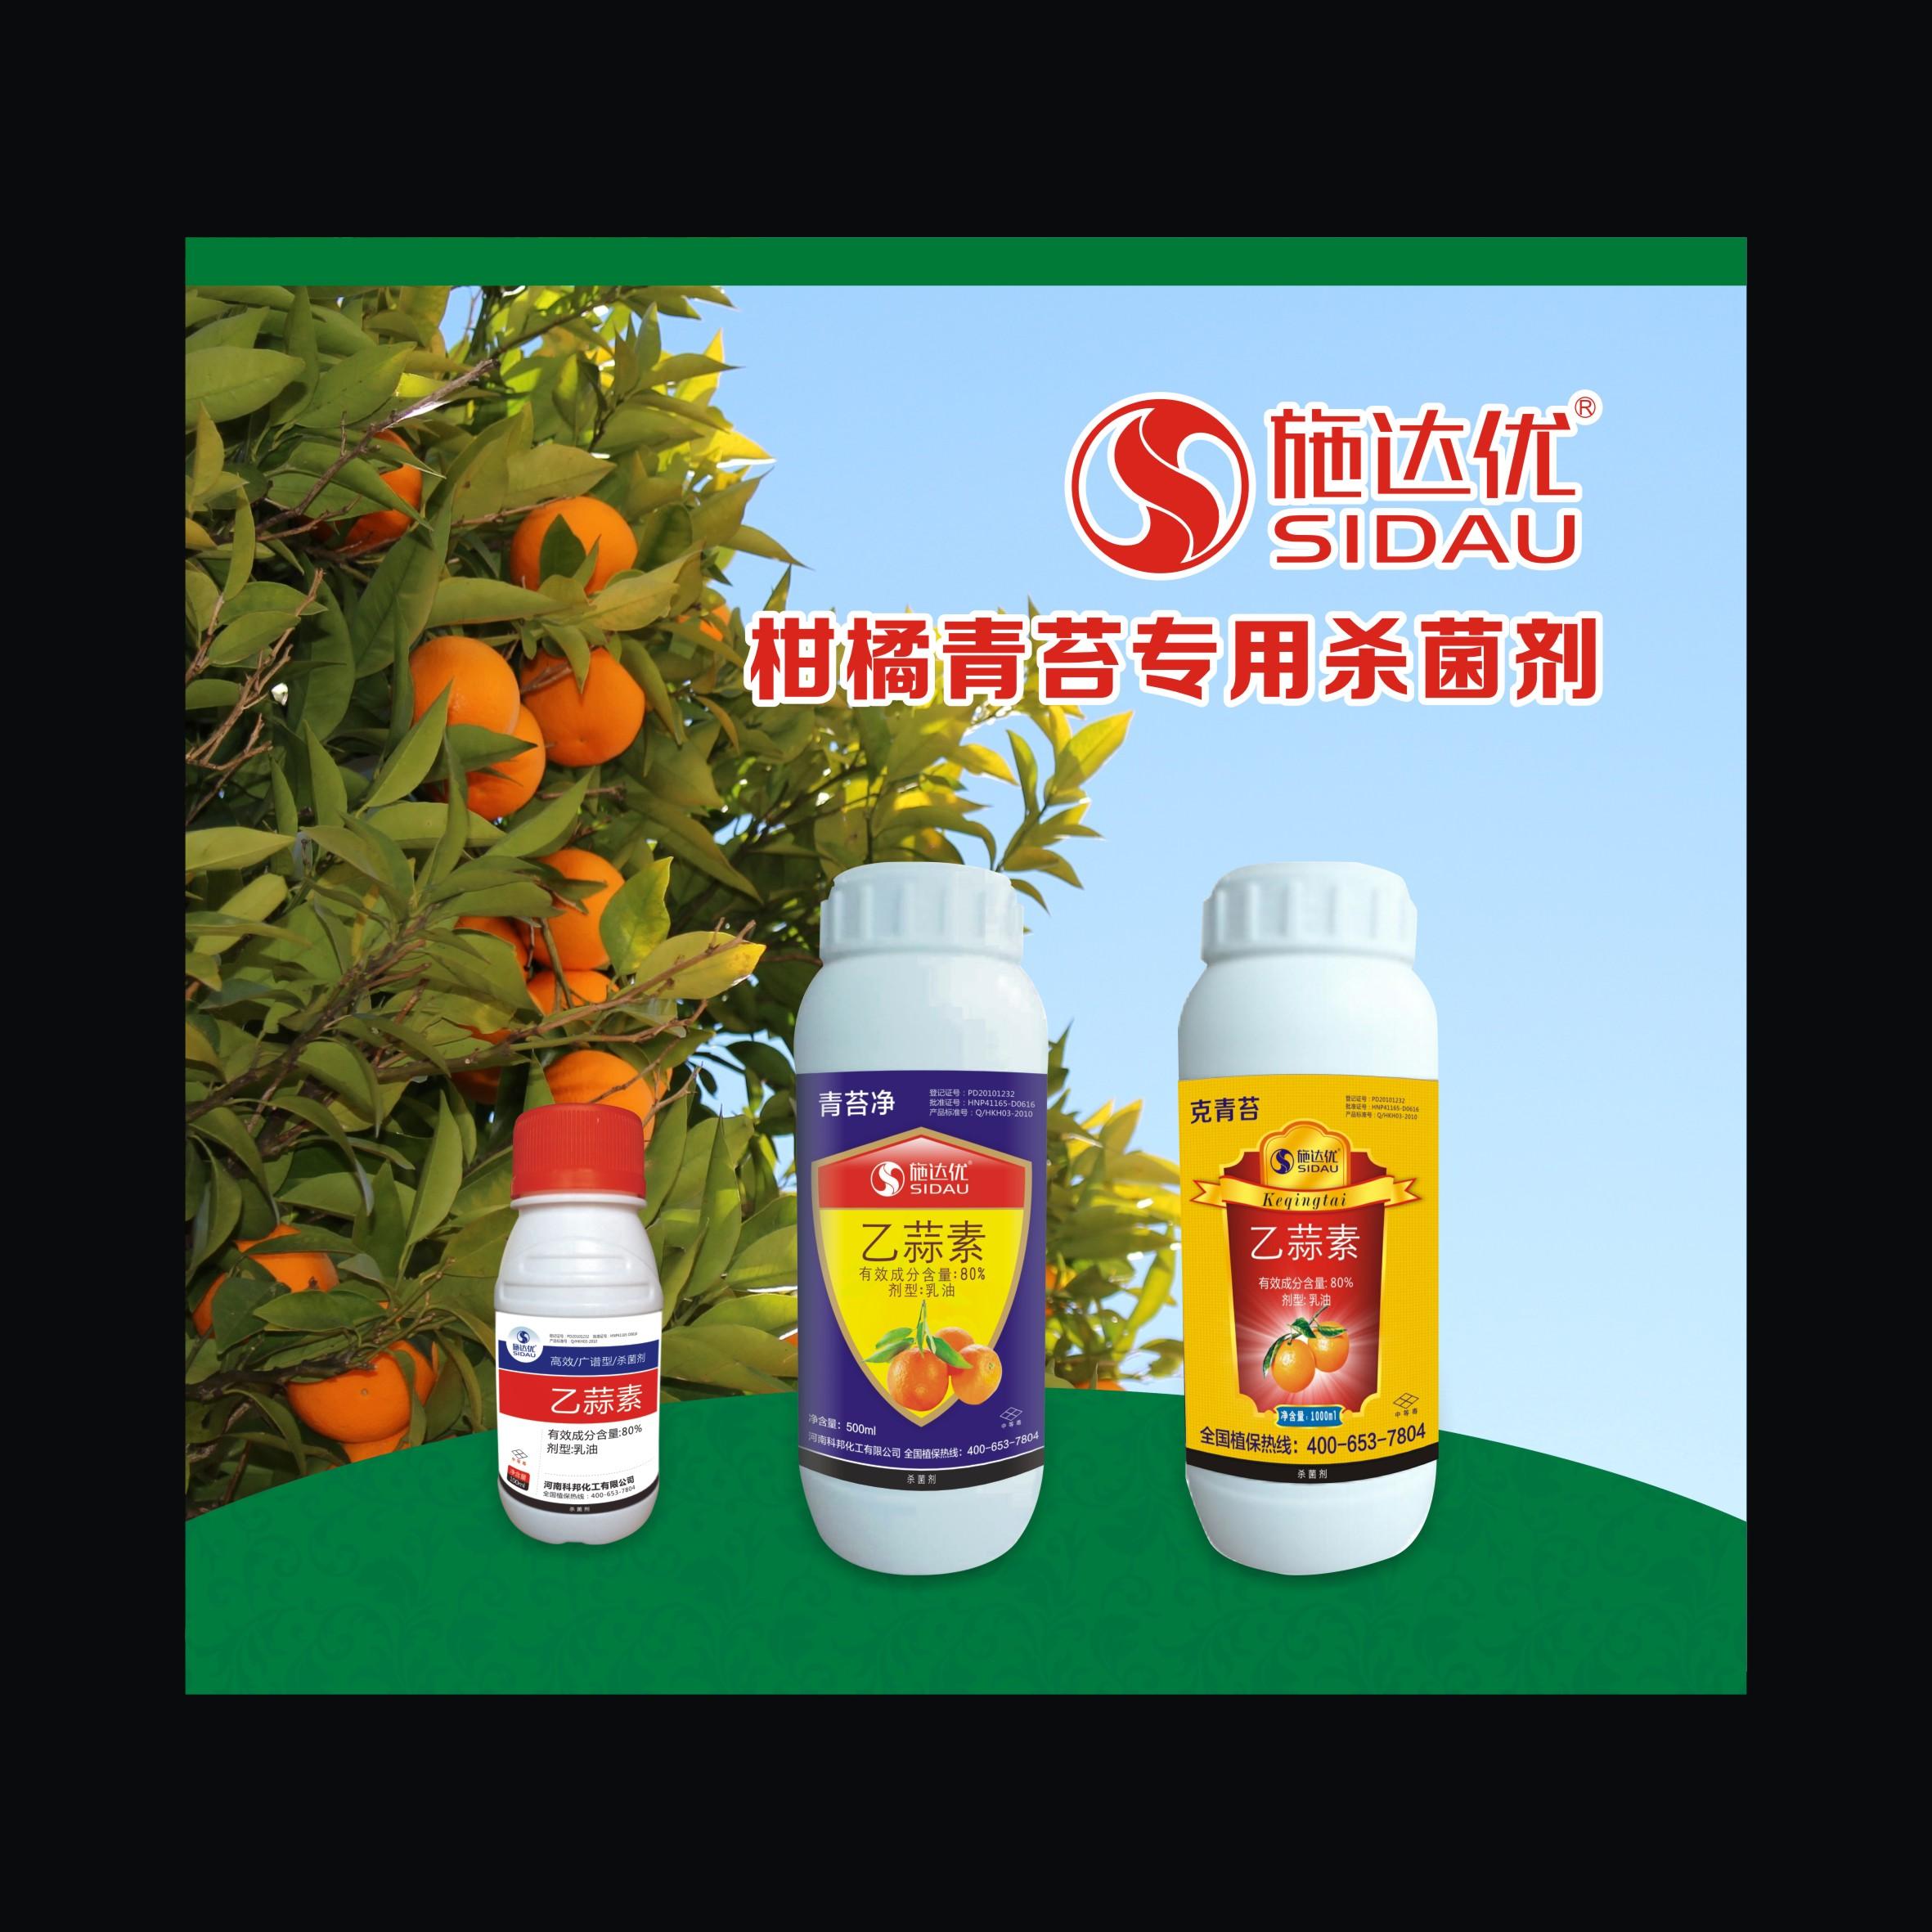 亚磷酸钾促进果树增产补充磷钾肥亚磷酸钾治柑橘溃疡杀菌剂